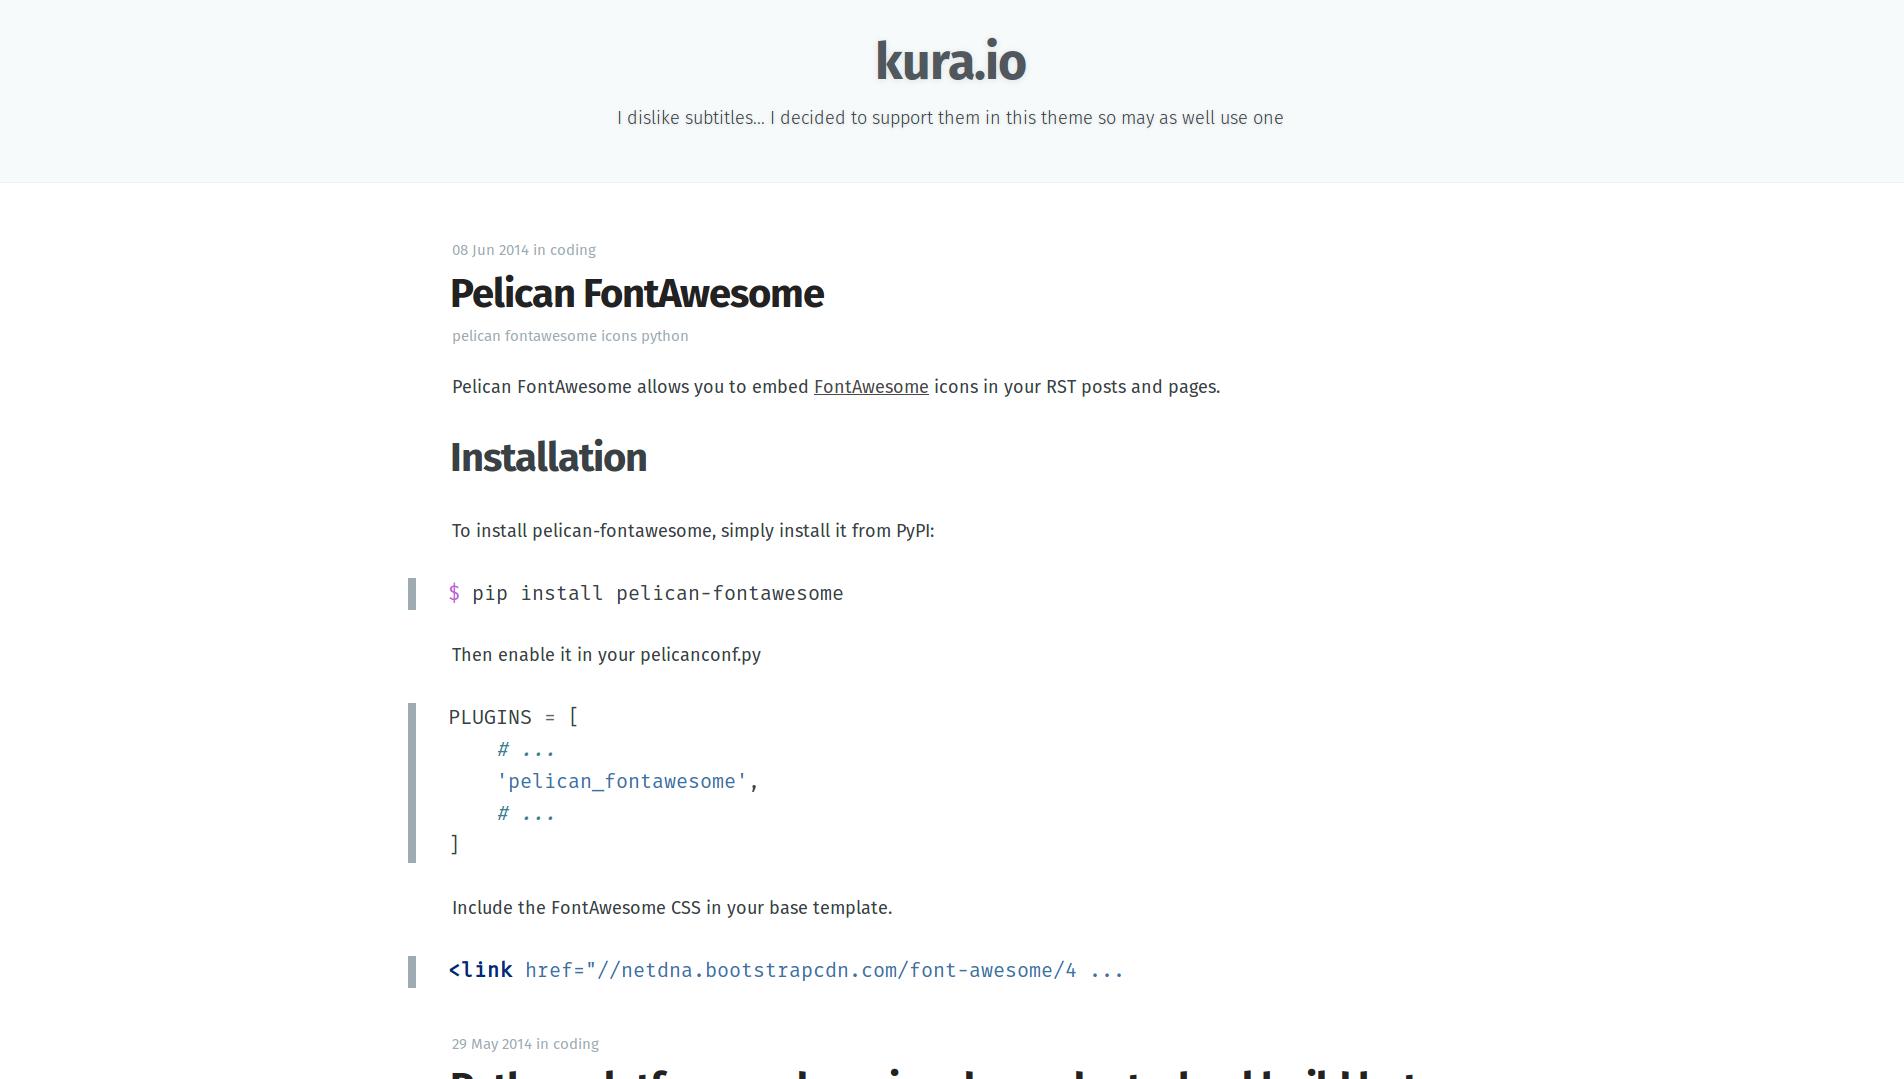 https://raw.githubusercontent.com/kura/hauntr/master/homepage.png